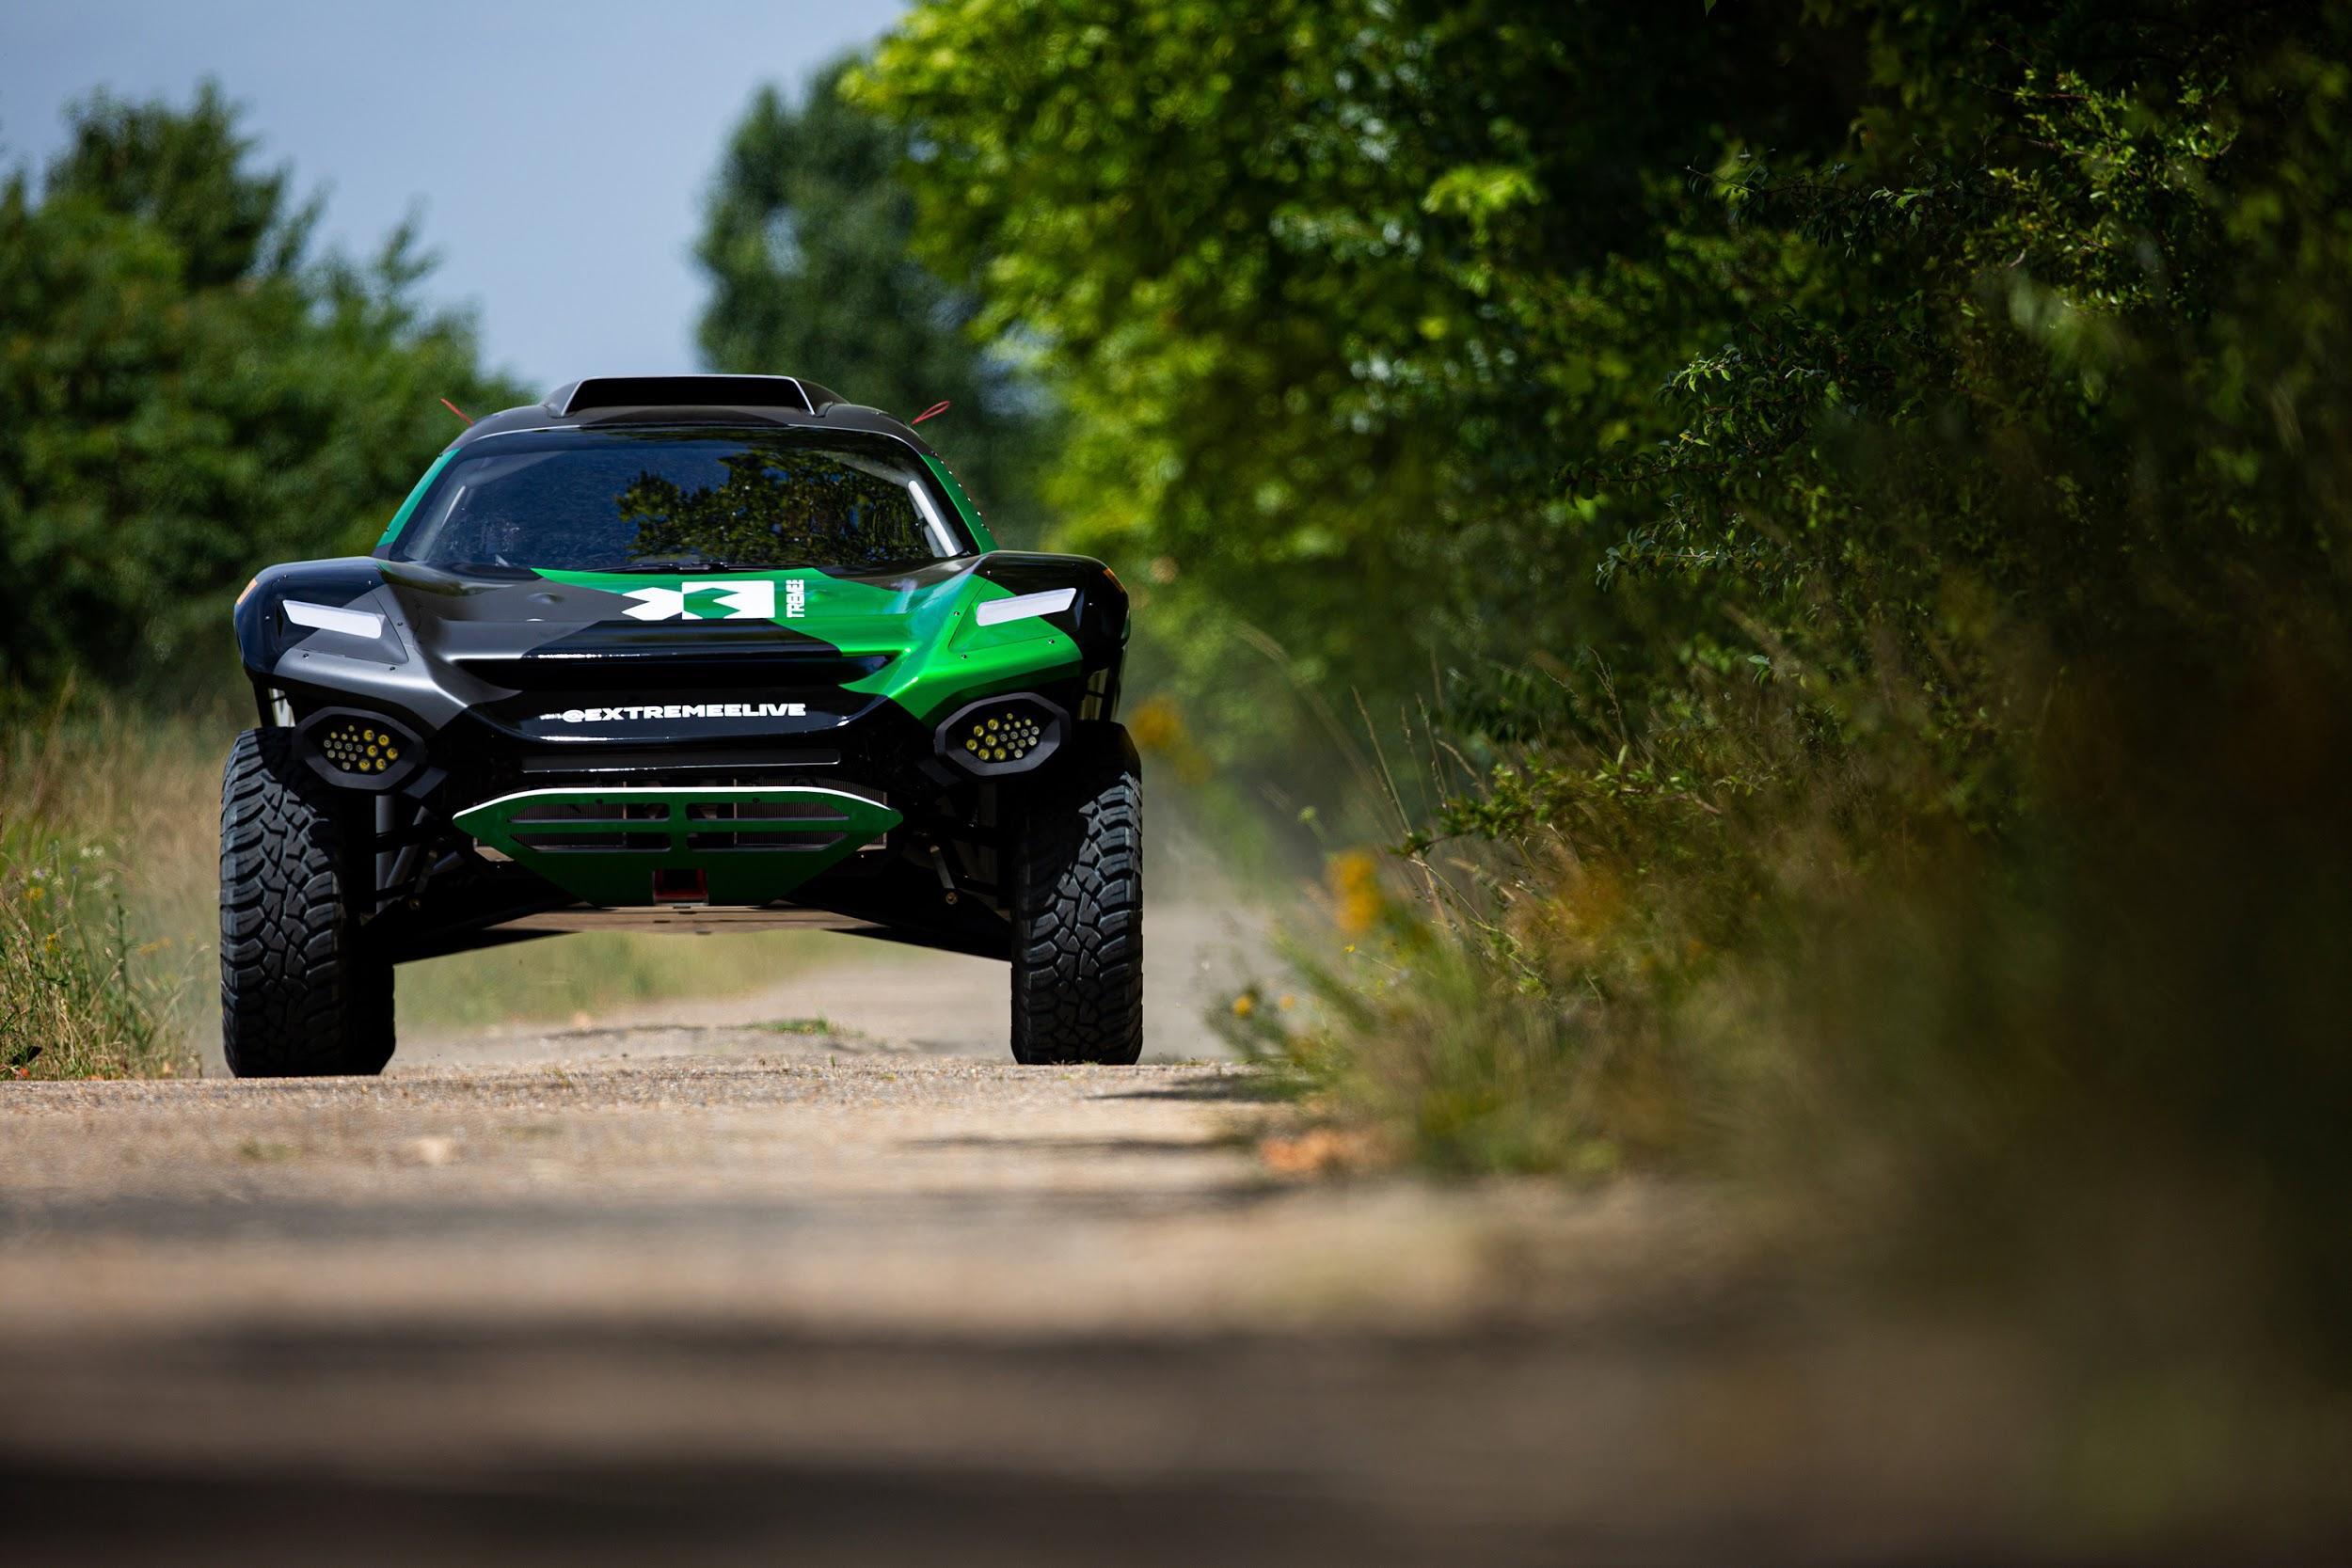 Bemutatták az Extreme E elektromos széria versenyjárművét